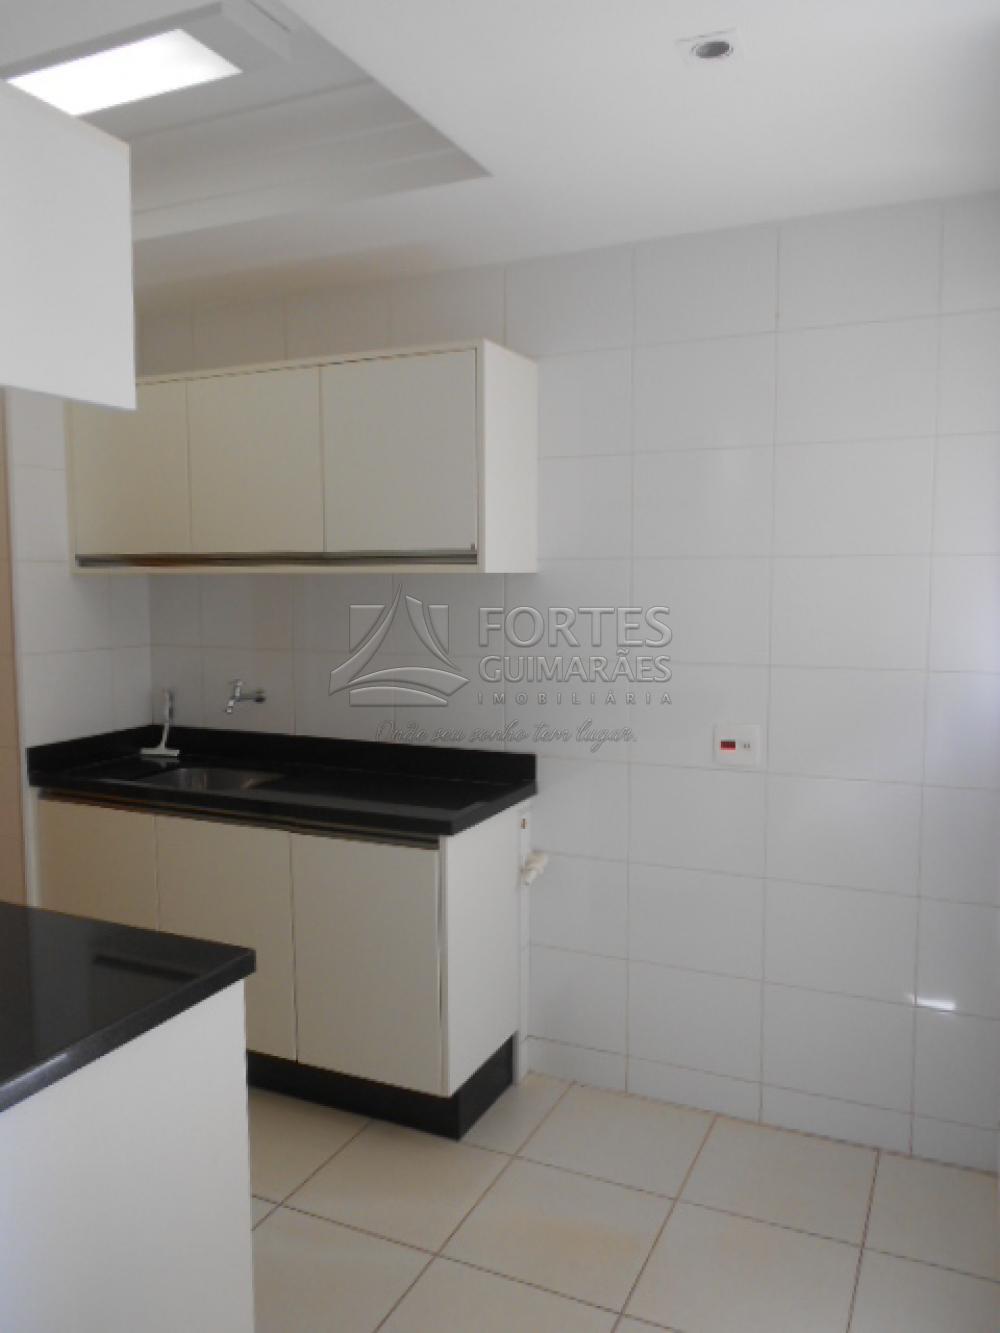 Alugar Apartamentos / Padrão em Ribeirão Preto apenas R$ 8.500,00 - Foto 59